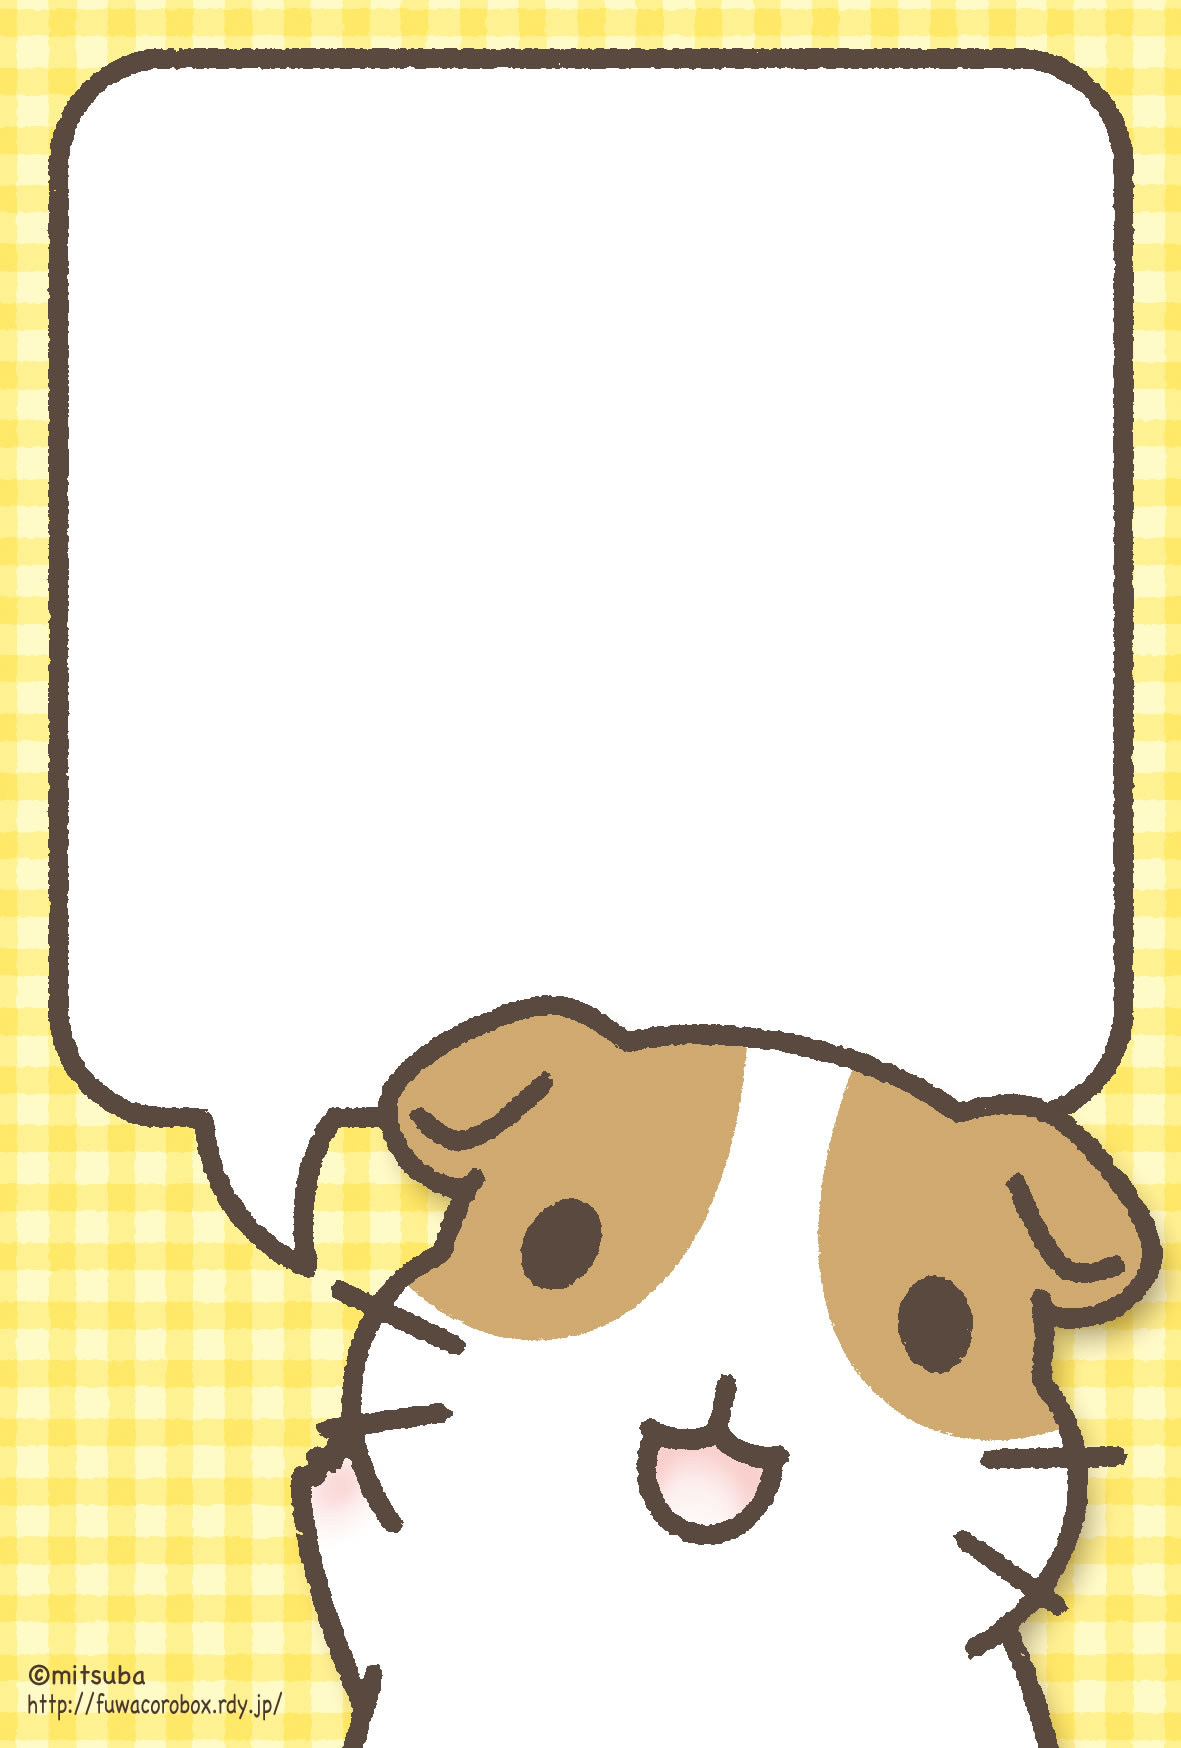 1181x1748 Hey! Crested Guinea Pig Postcard) [Guinea]piggies 3